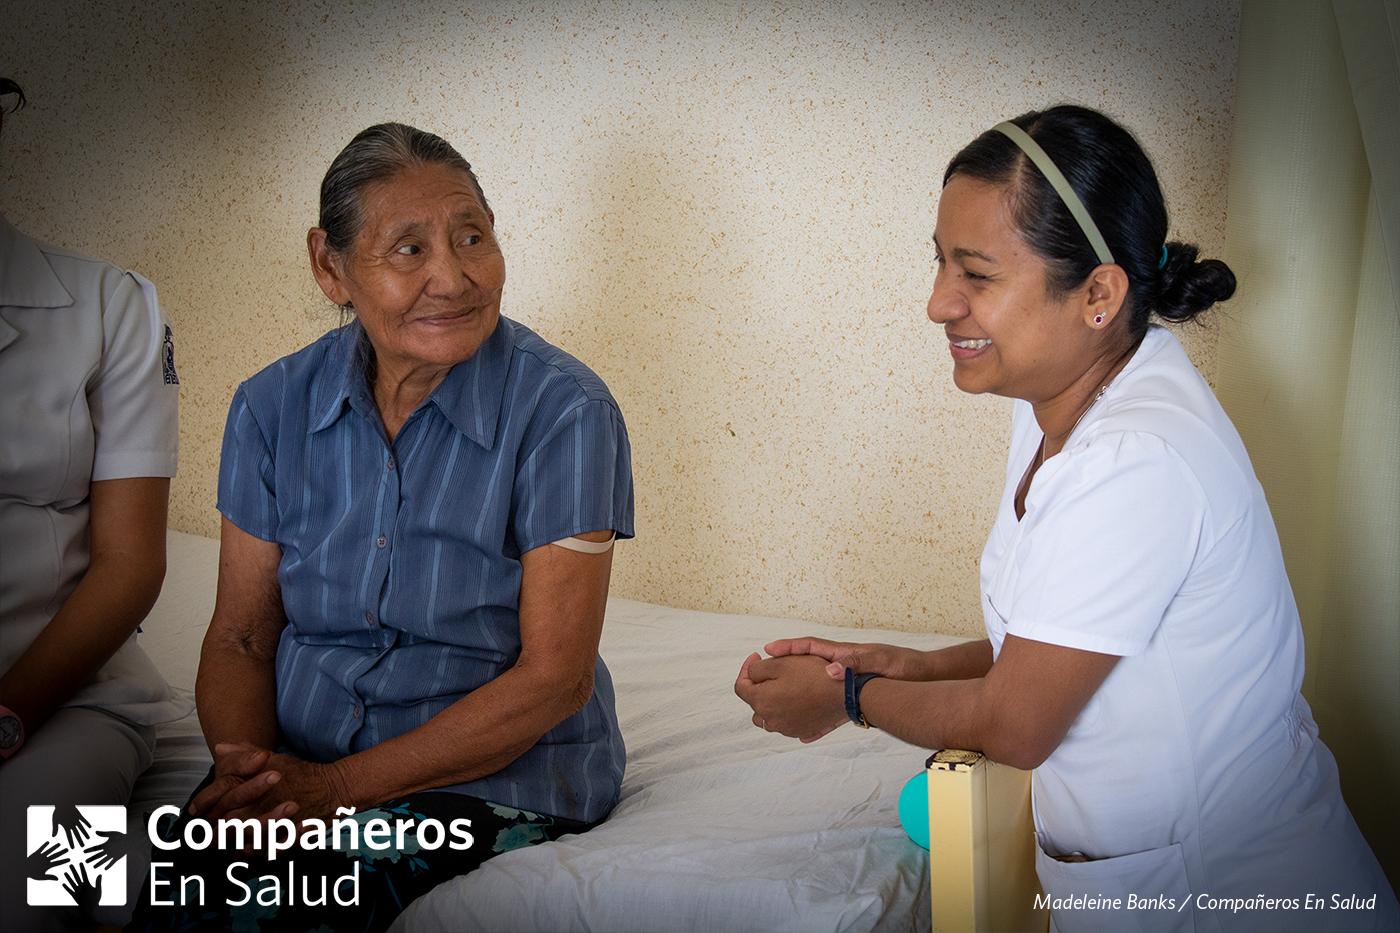 Foto: Doña Margarita Pérez Jiménez (izquierda), una partera tradicional de la zona rural de Chiapas, con la enfermera y supervisora clínica Fabiola Ortiz en la Casa Materna apoyada por Compañeros En Salud en Jaltenango de la Paz.